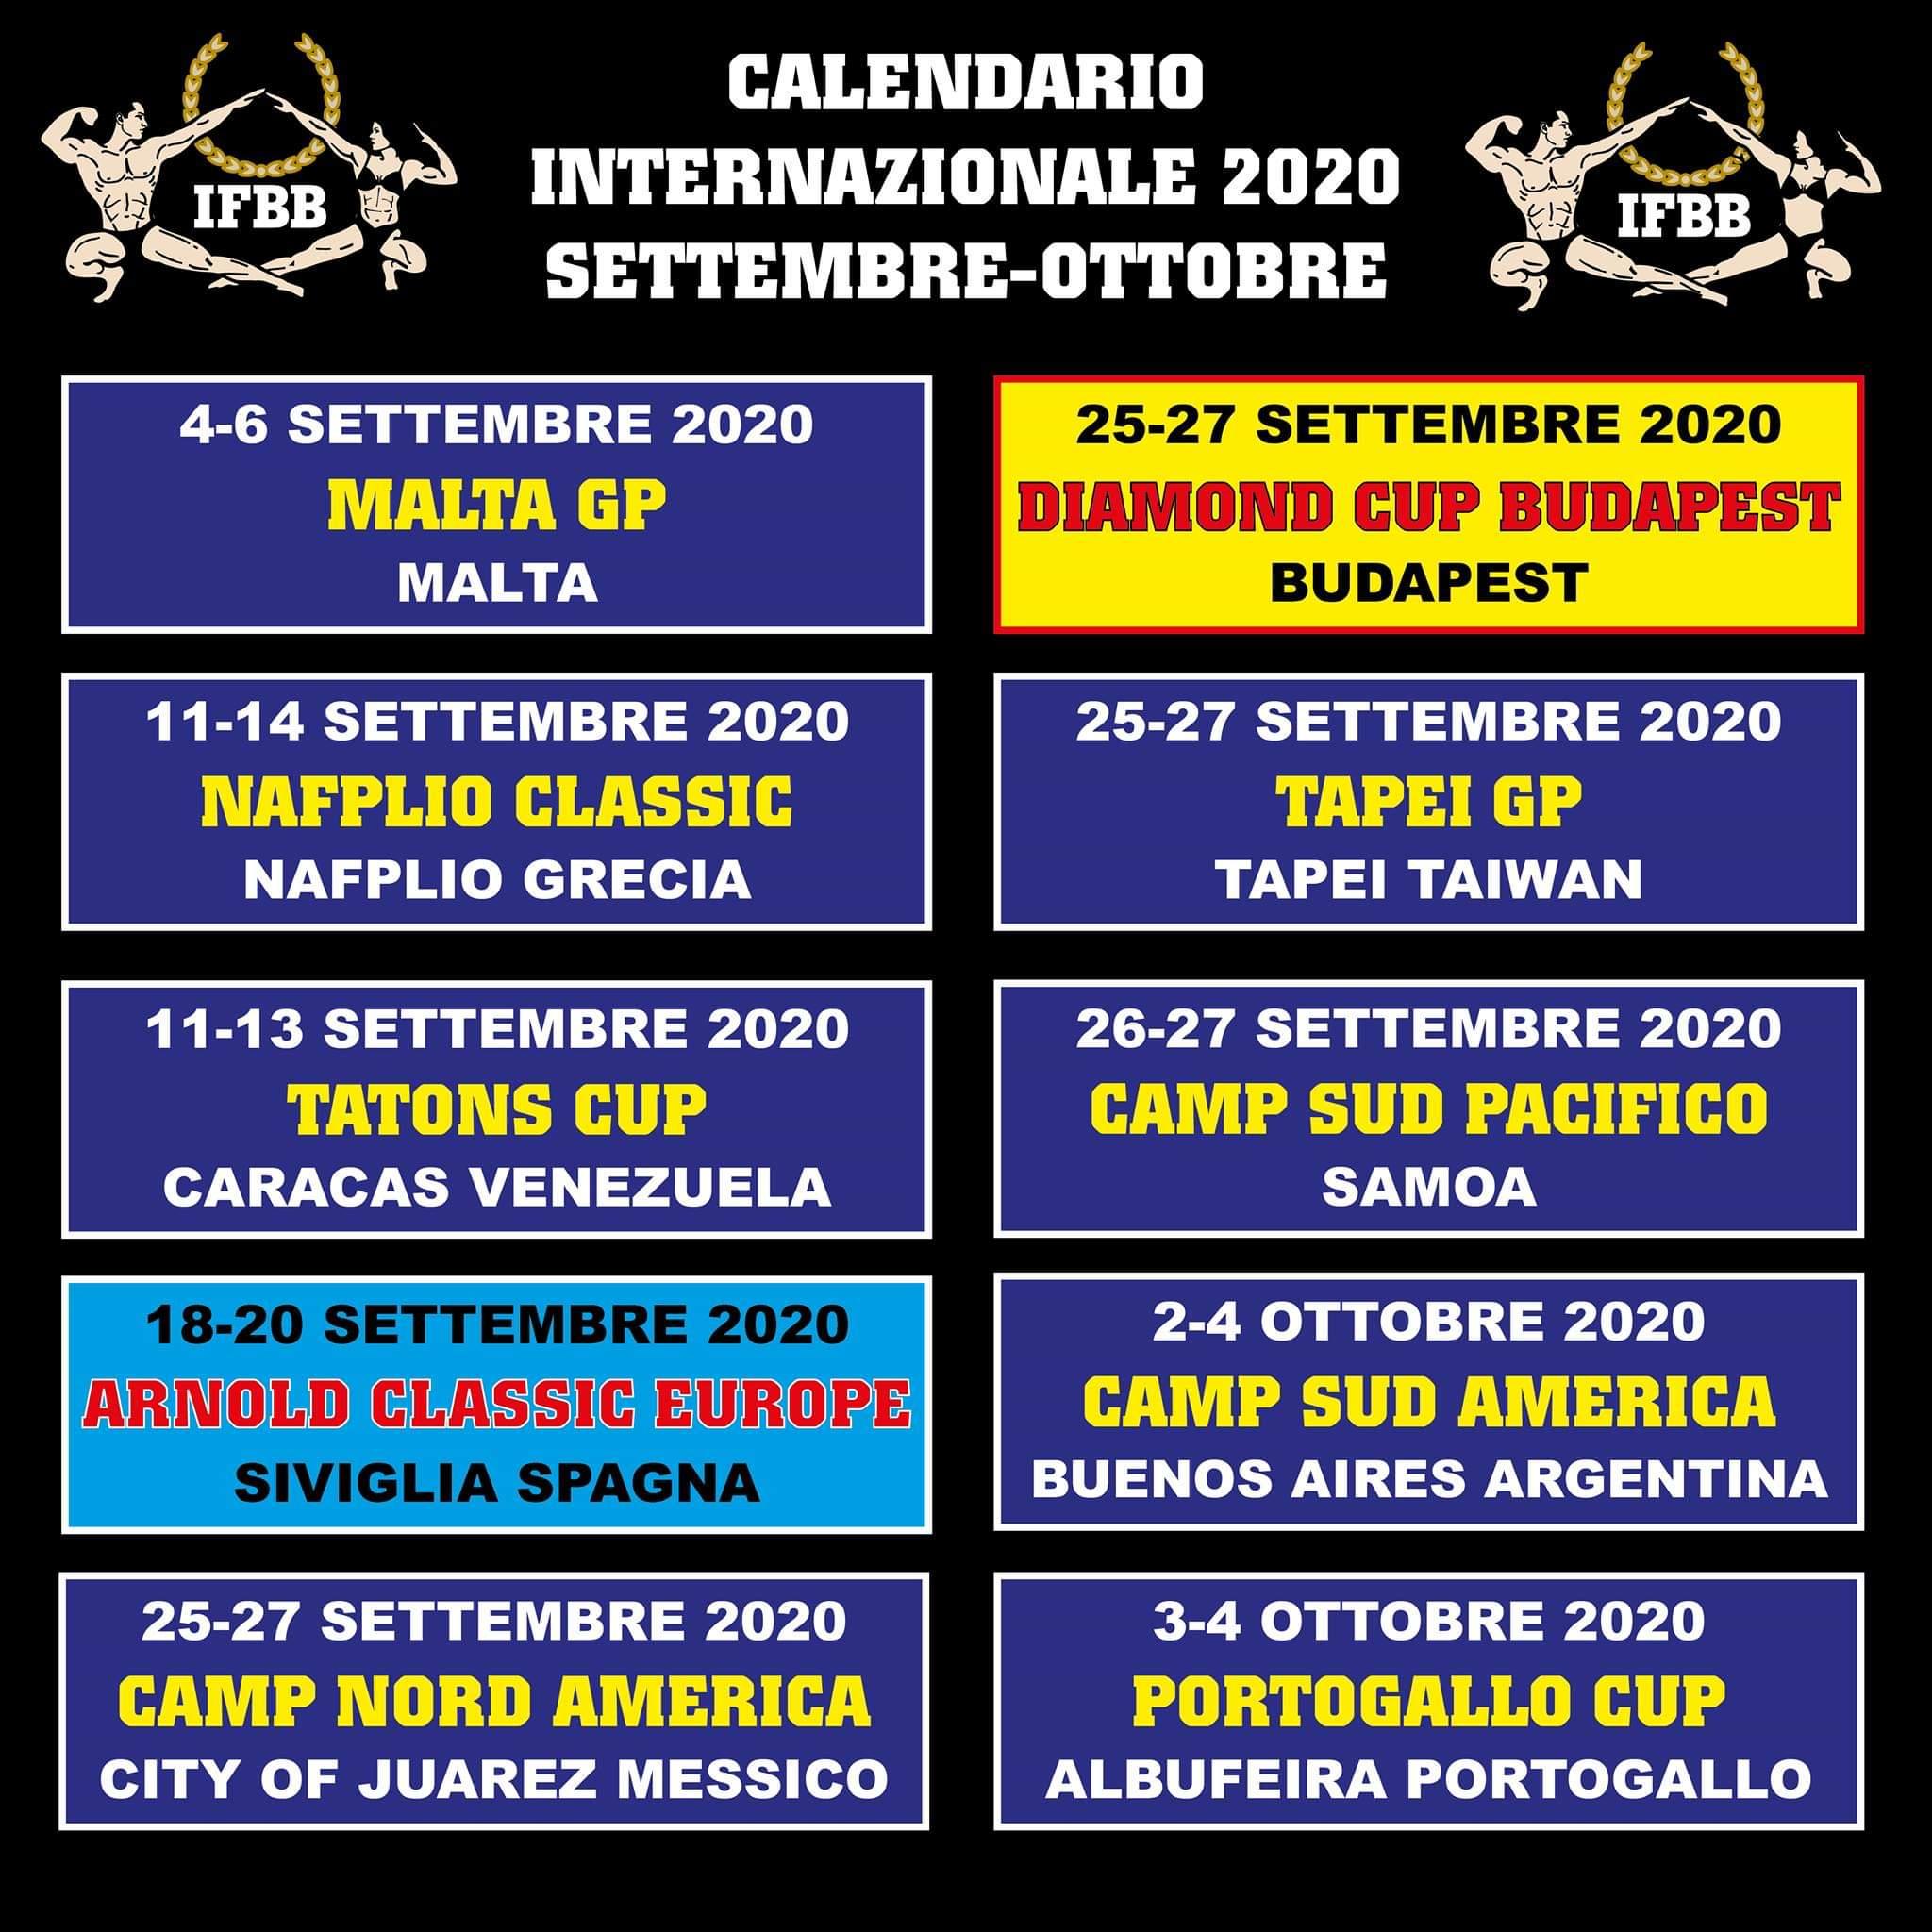 calendario gare ifbb internazionali 2020